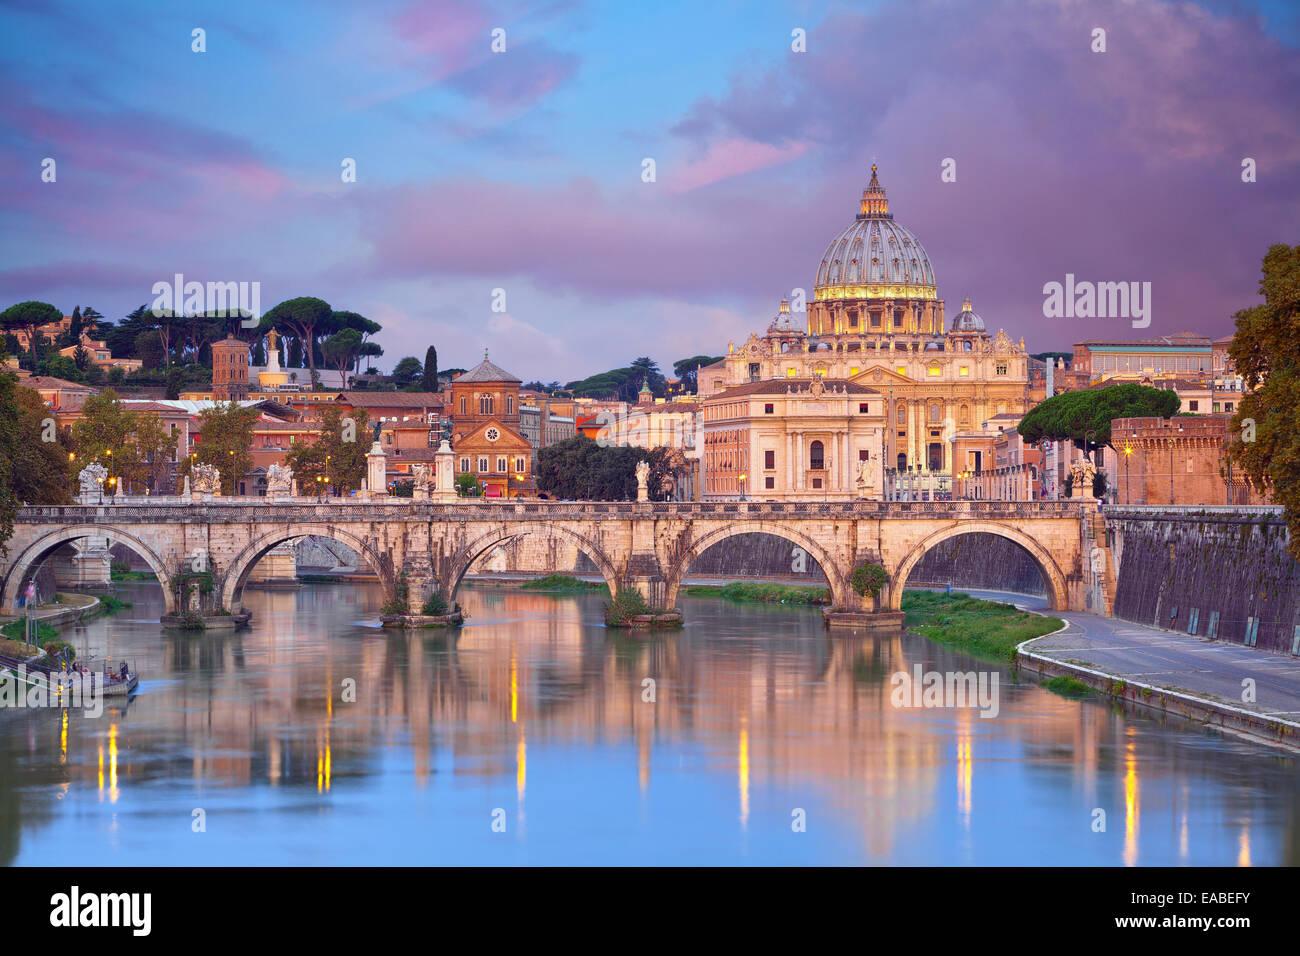 Rome. Vue sur le pont Vittorio Emanuele et la cathédrale Saint-Pierre à Rome, Italie au cours de beau Photo Stock